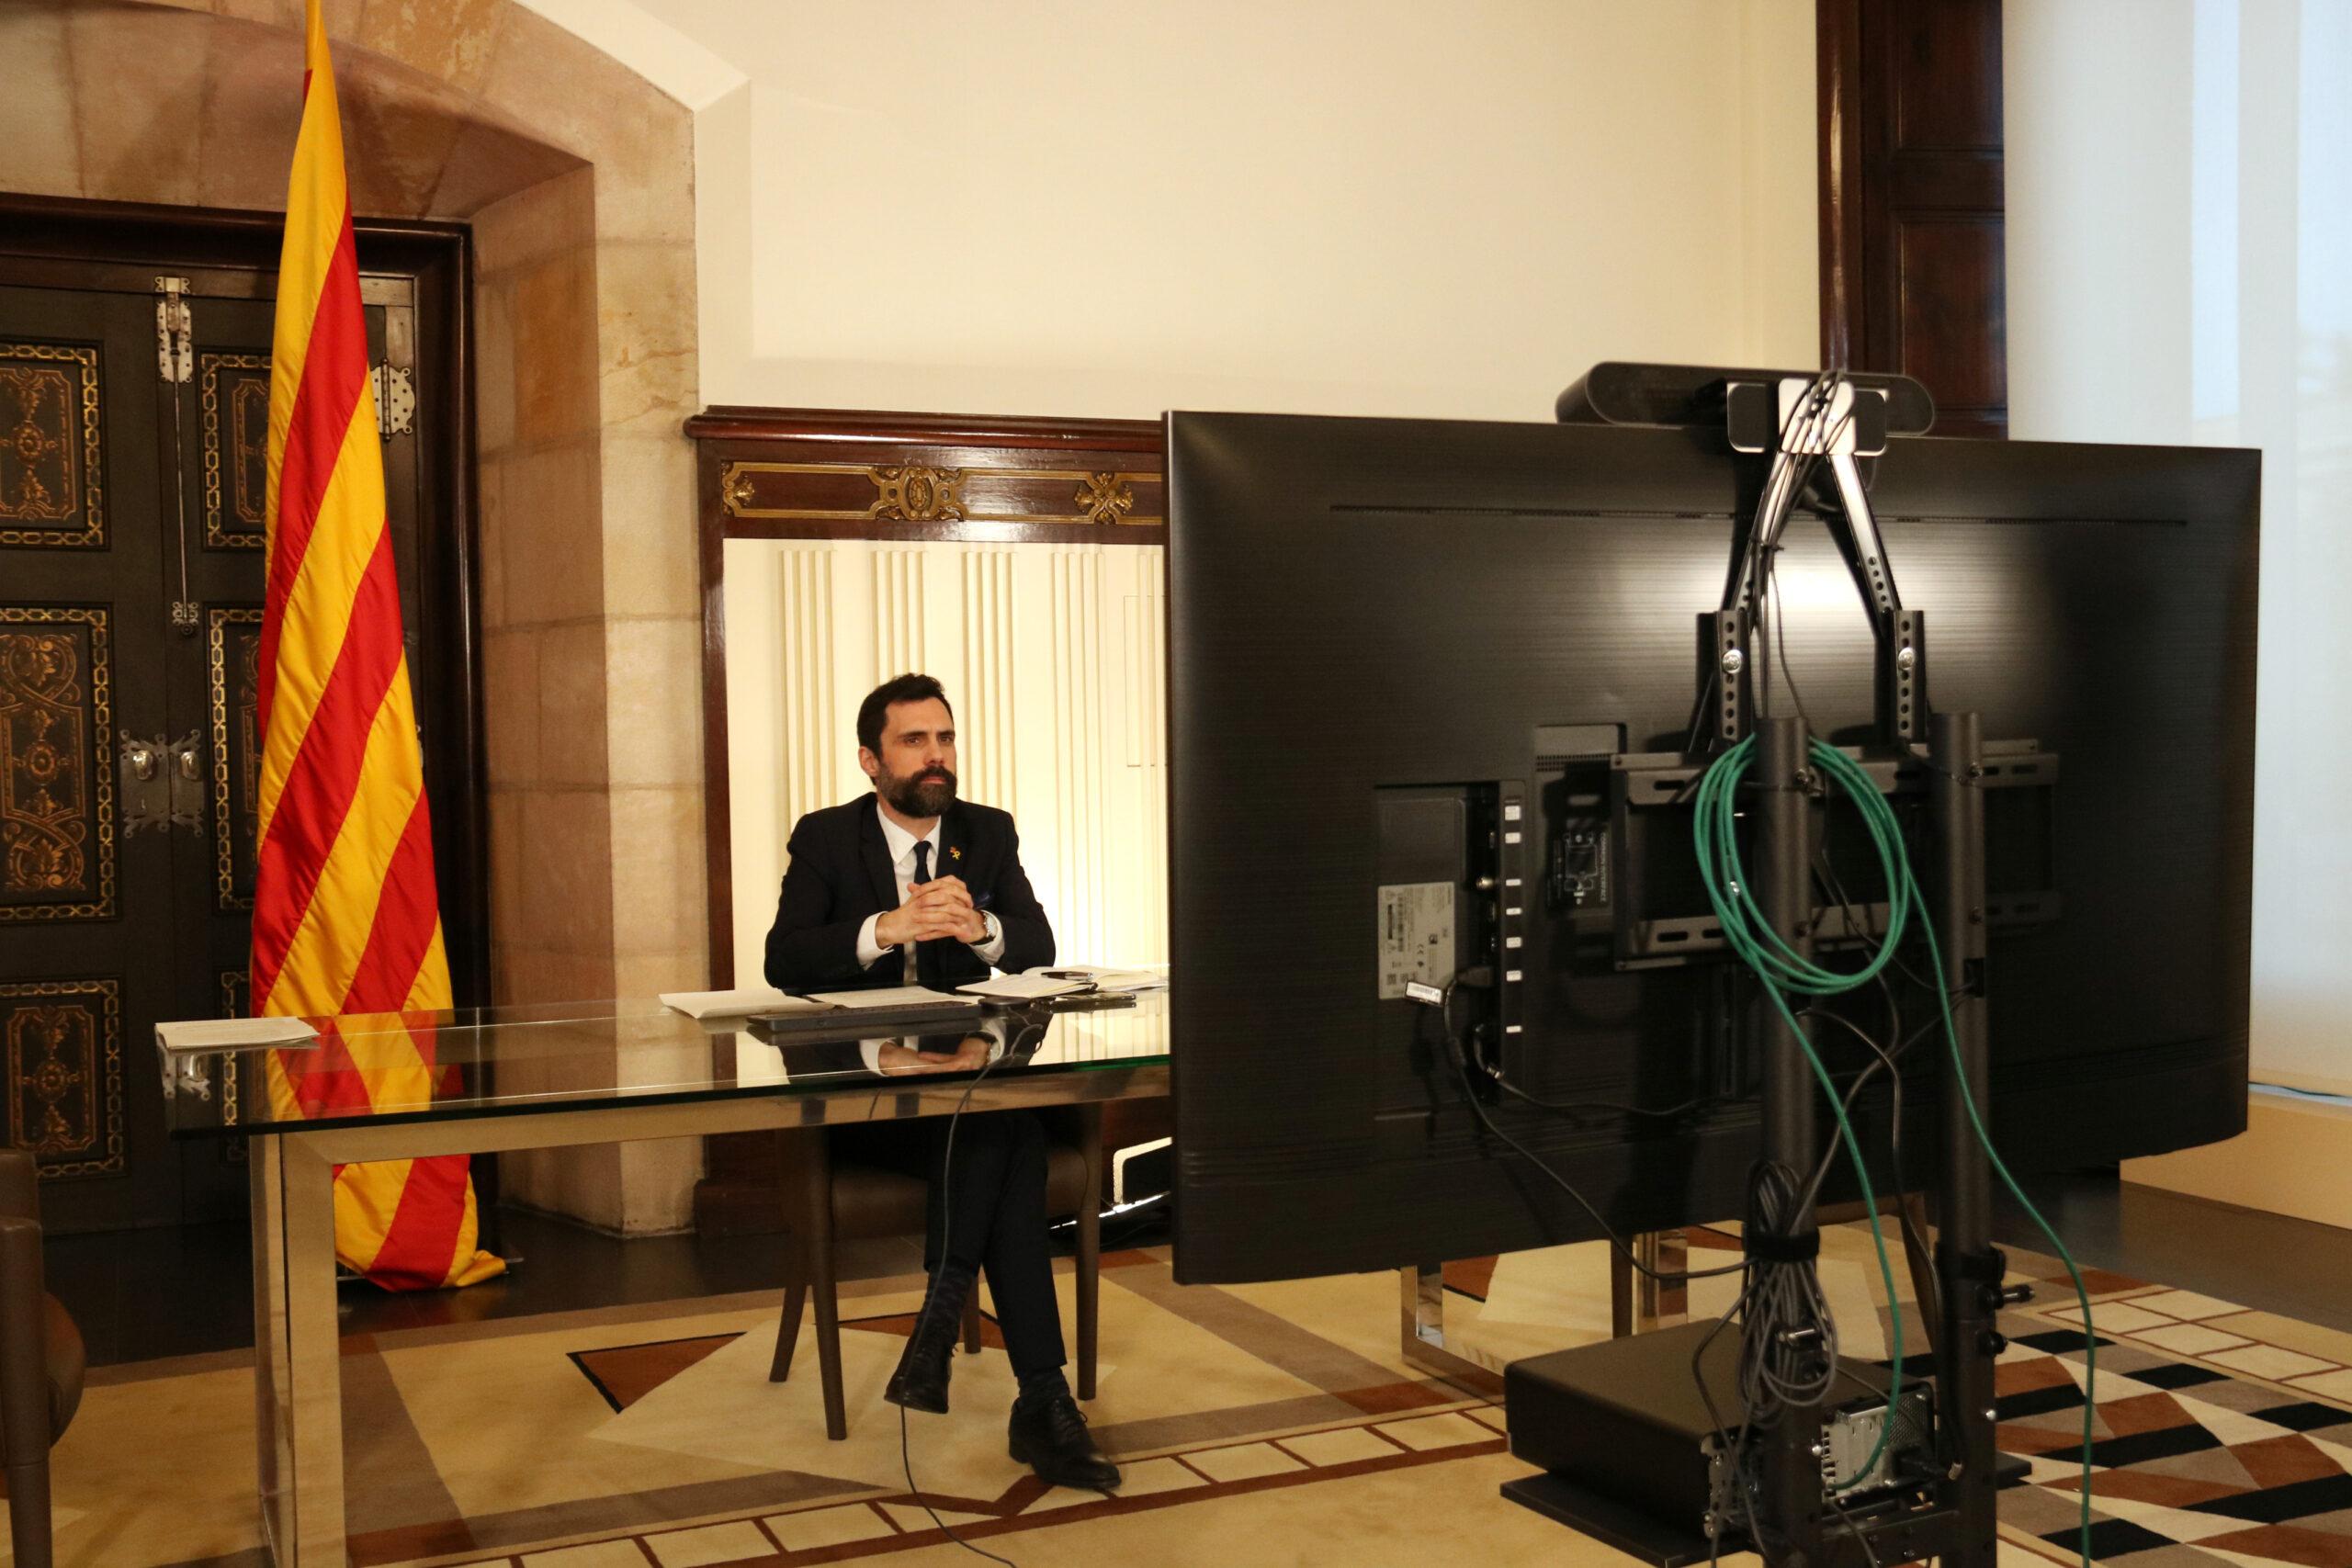 Reunió del president del Parlament, Roger Torrent, amb la Comissió per al Respecte de les Obligacions i els Compromisos dels Estats membres